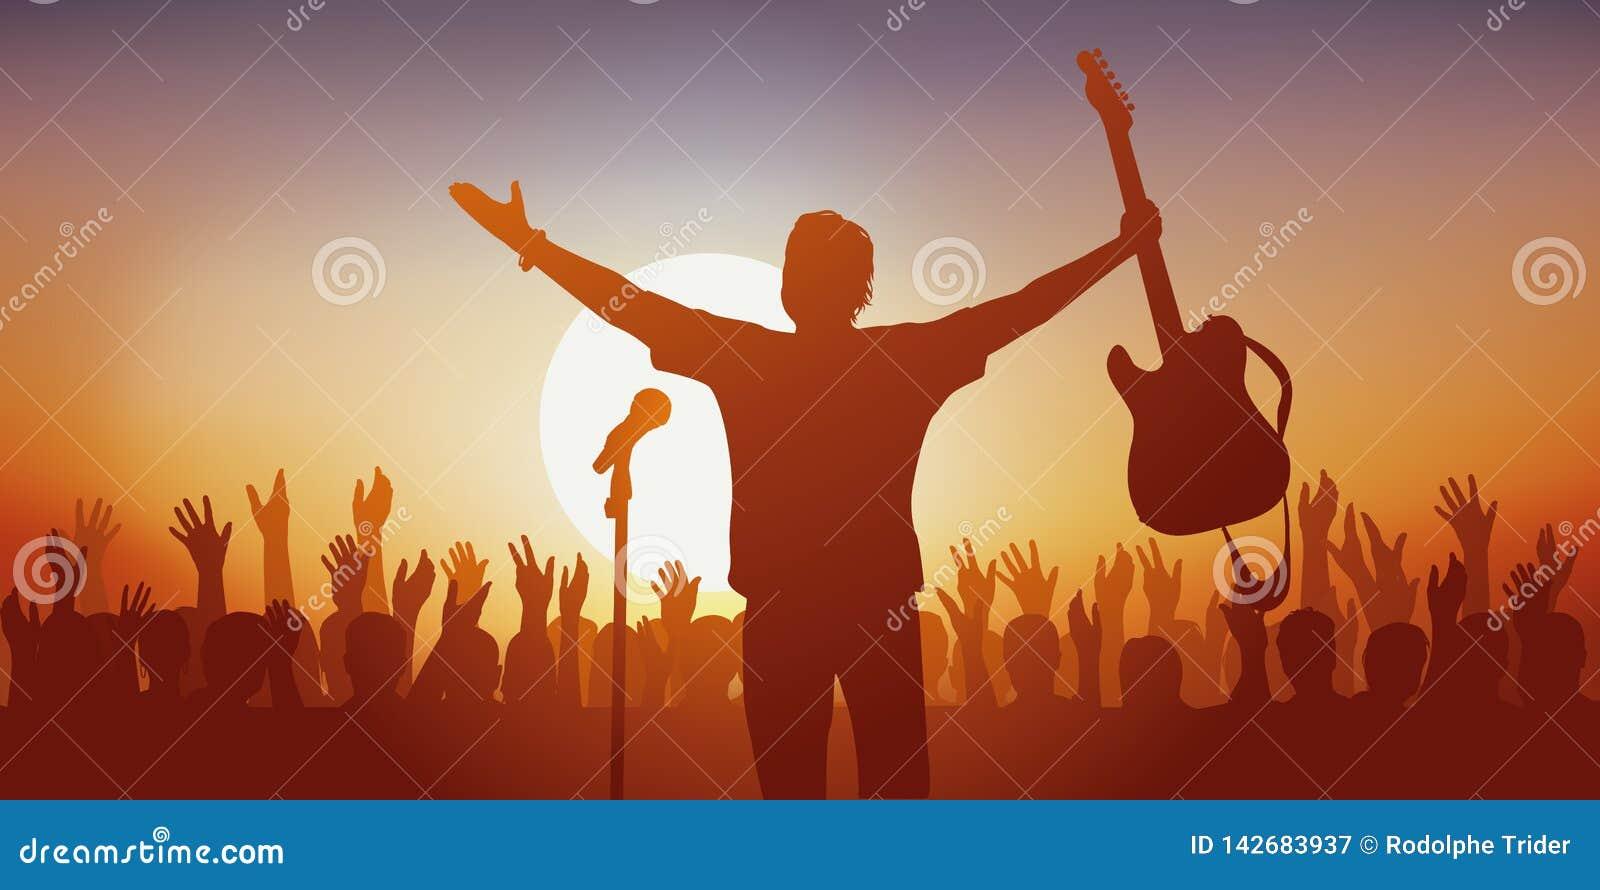 Símbolo del ídolo, con un cantante de roca saludando a sus fans